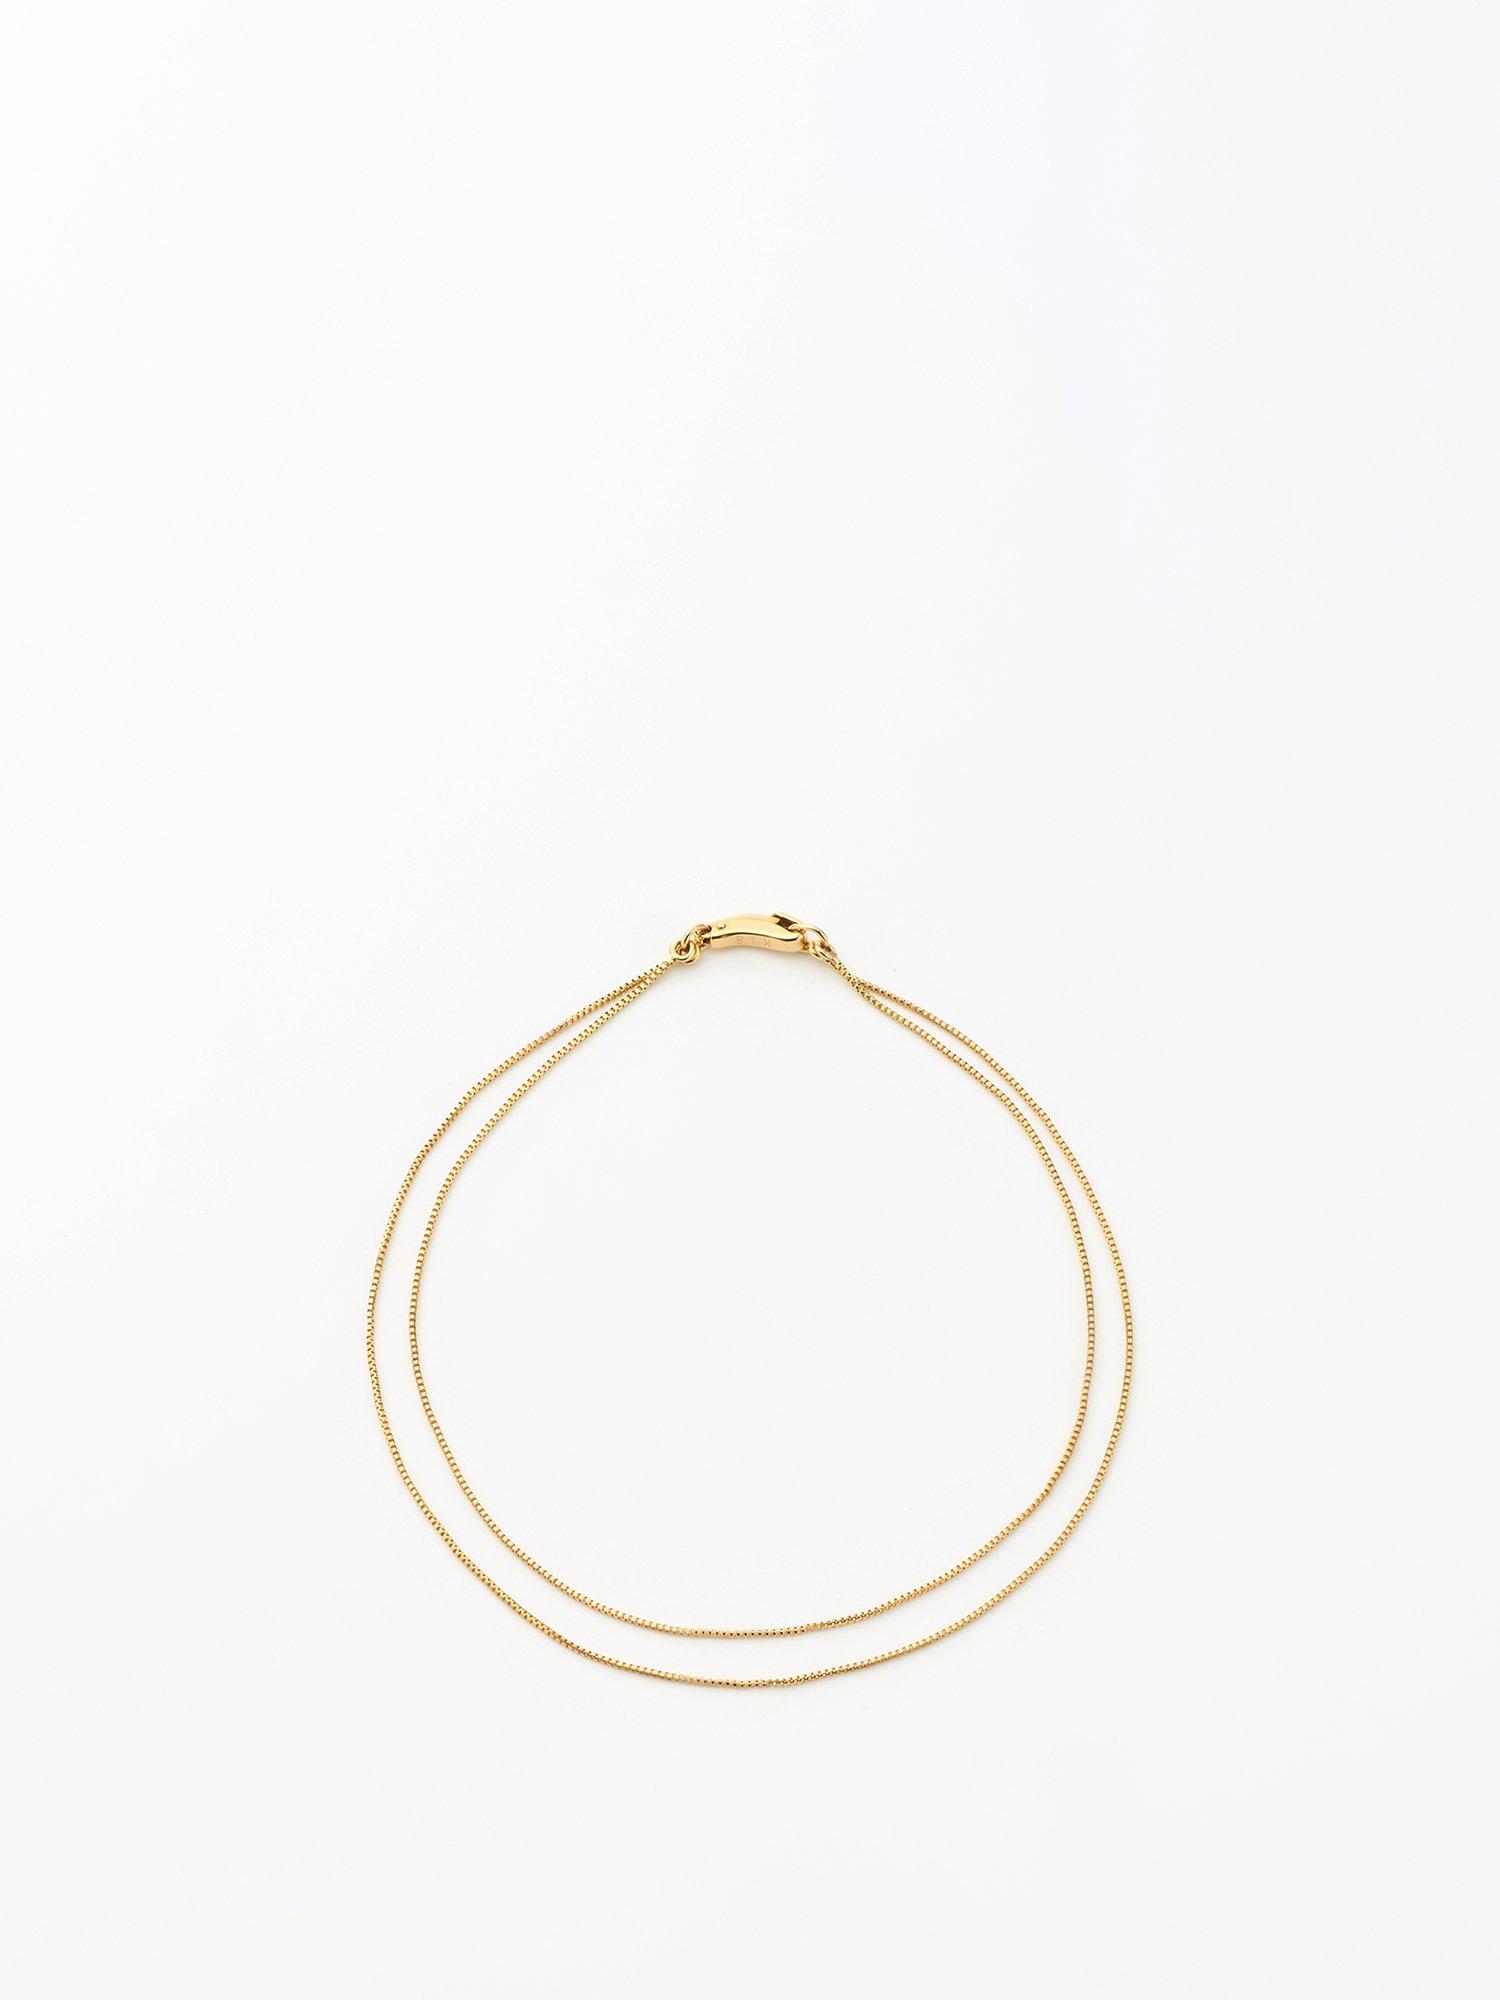 SOPHISTICATED VINTAGE / Gold line bracelet